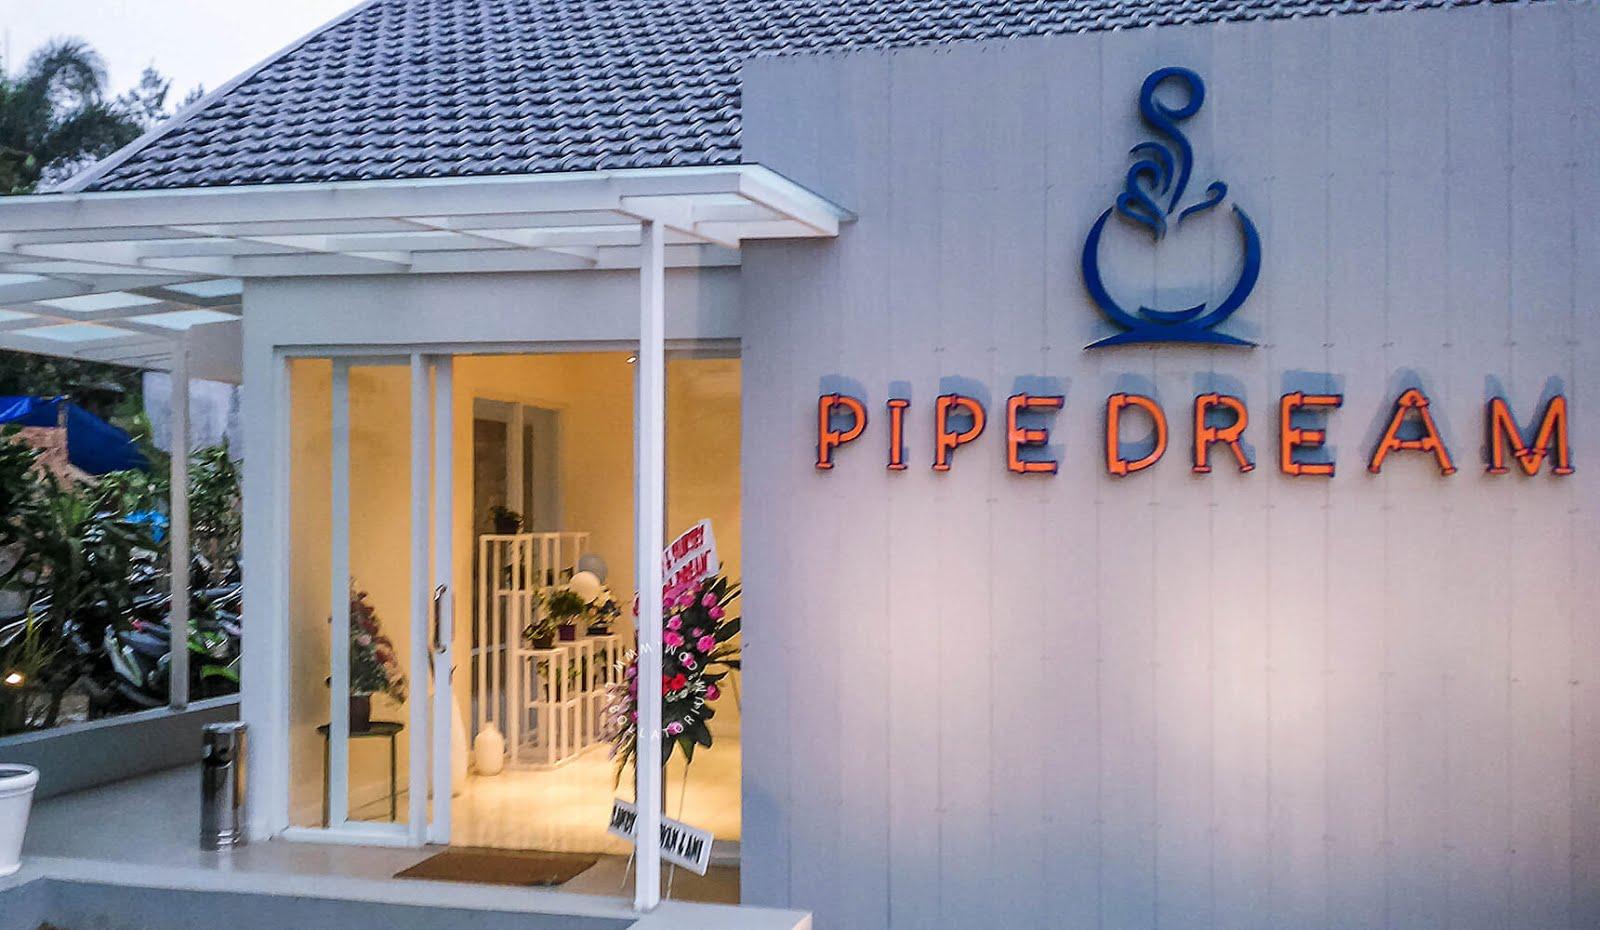 Pipe Dream - Tempat Nongkrong Terbaru, Sedang Hitz di Bandung